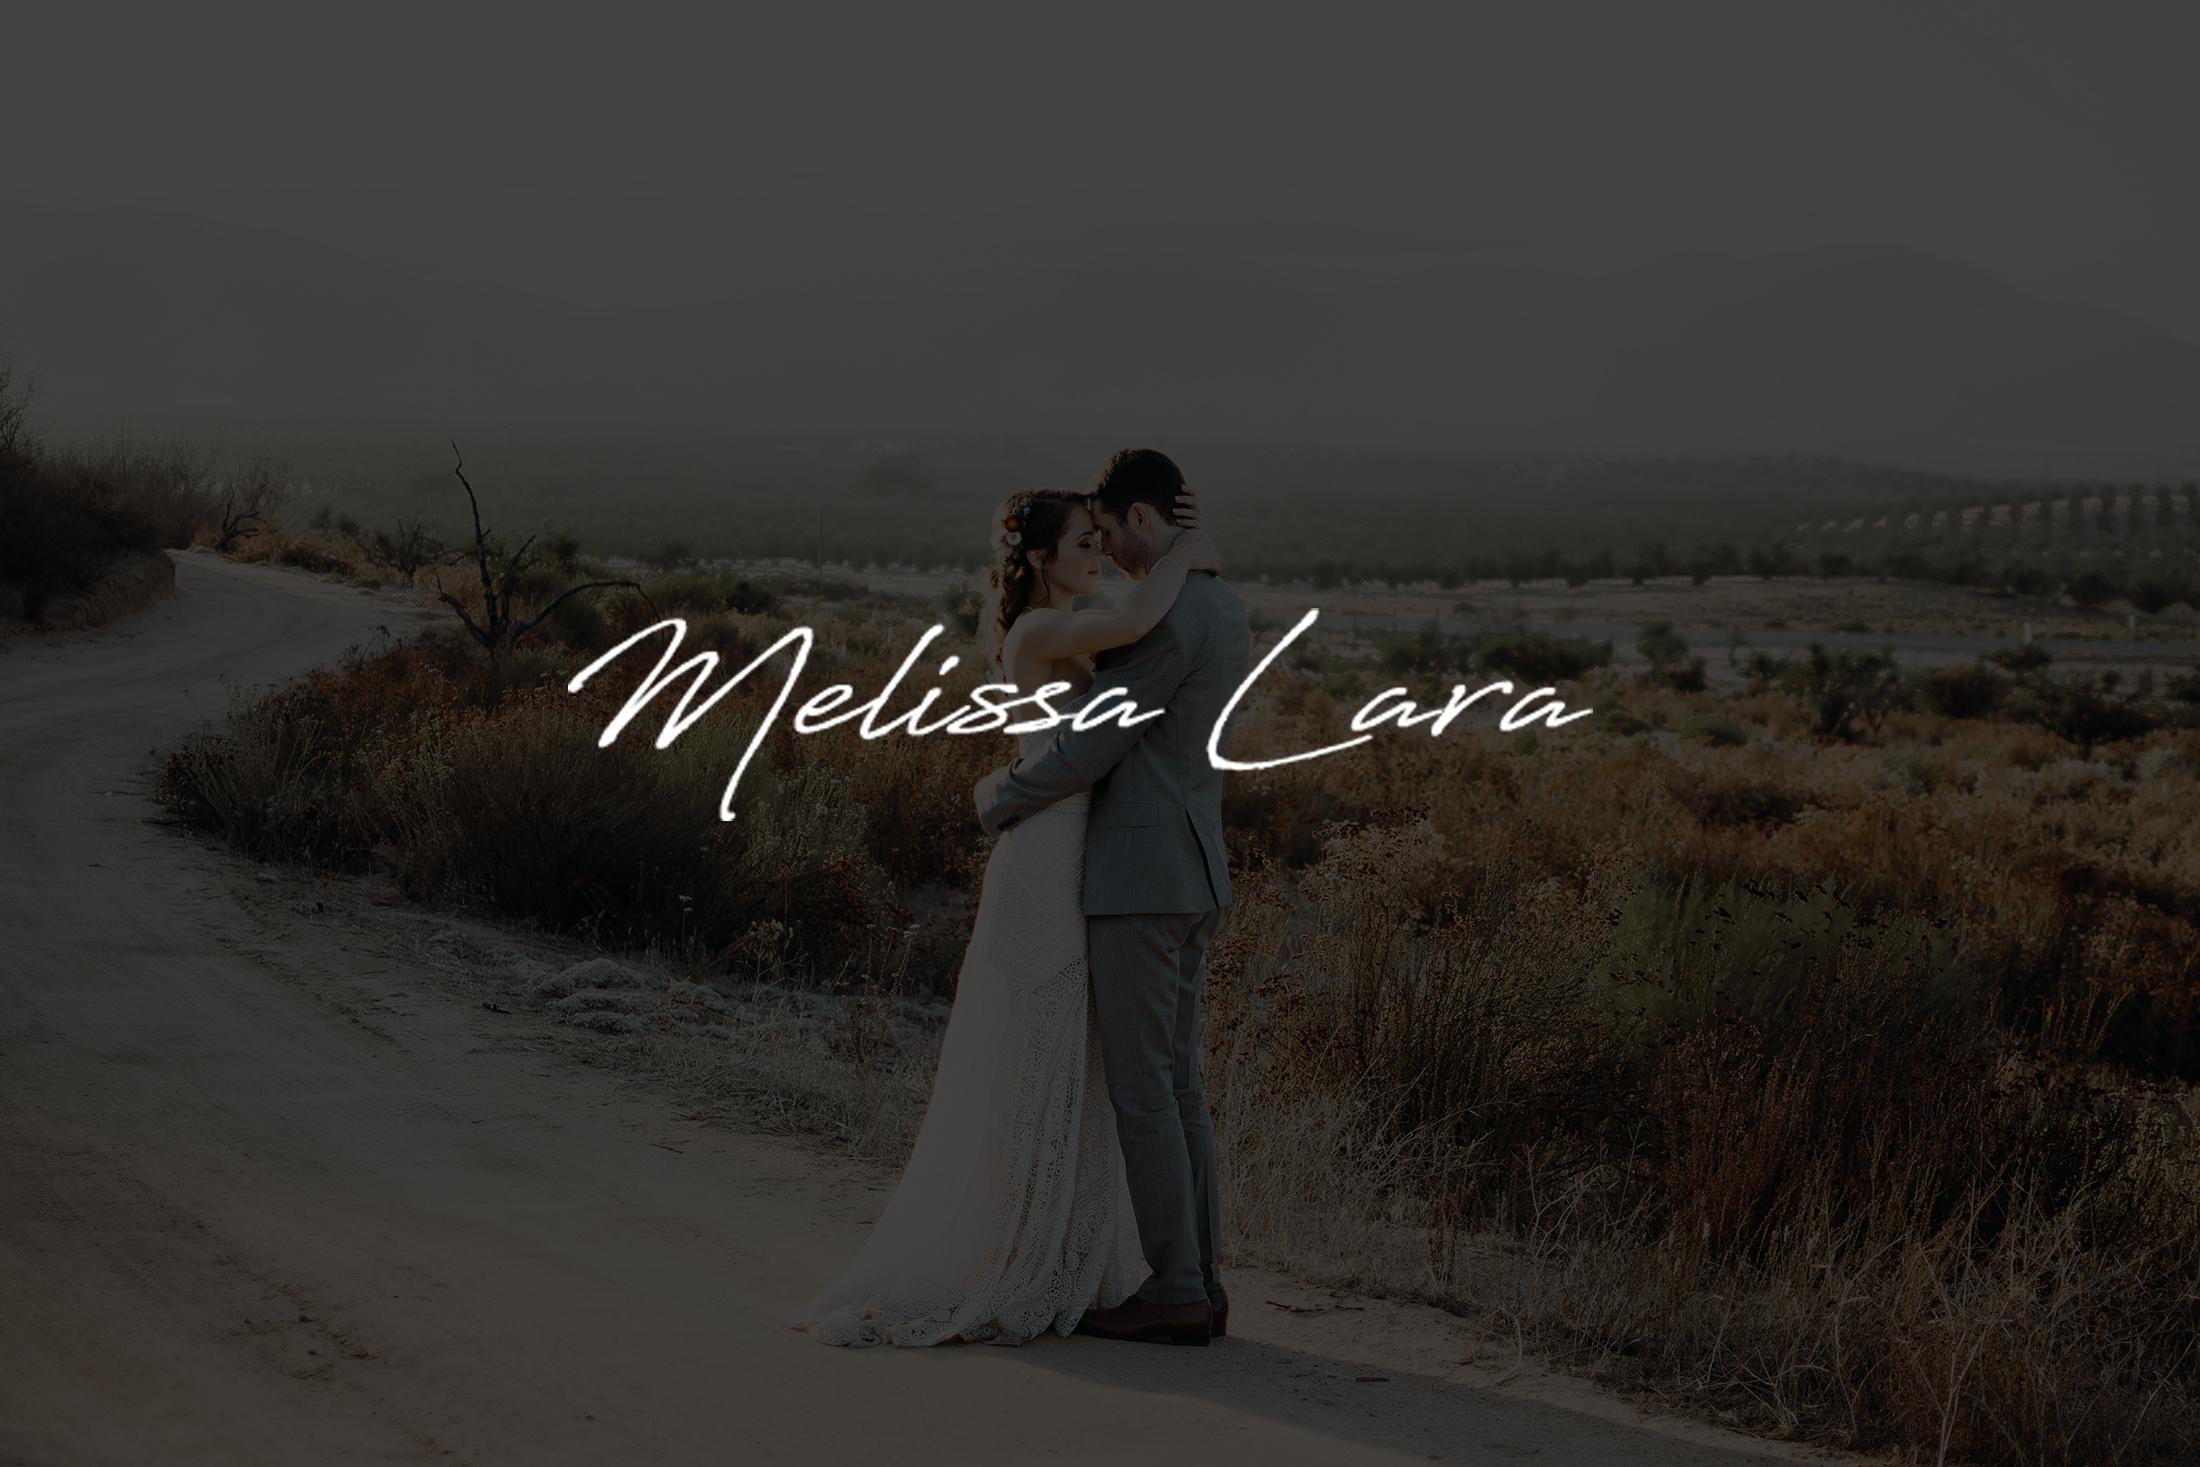 Melissa Lara.jpg